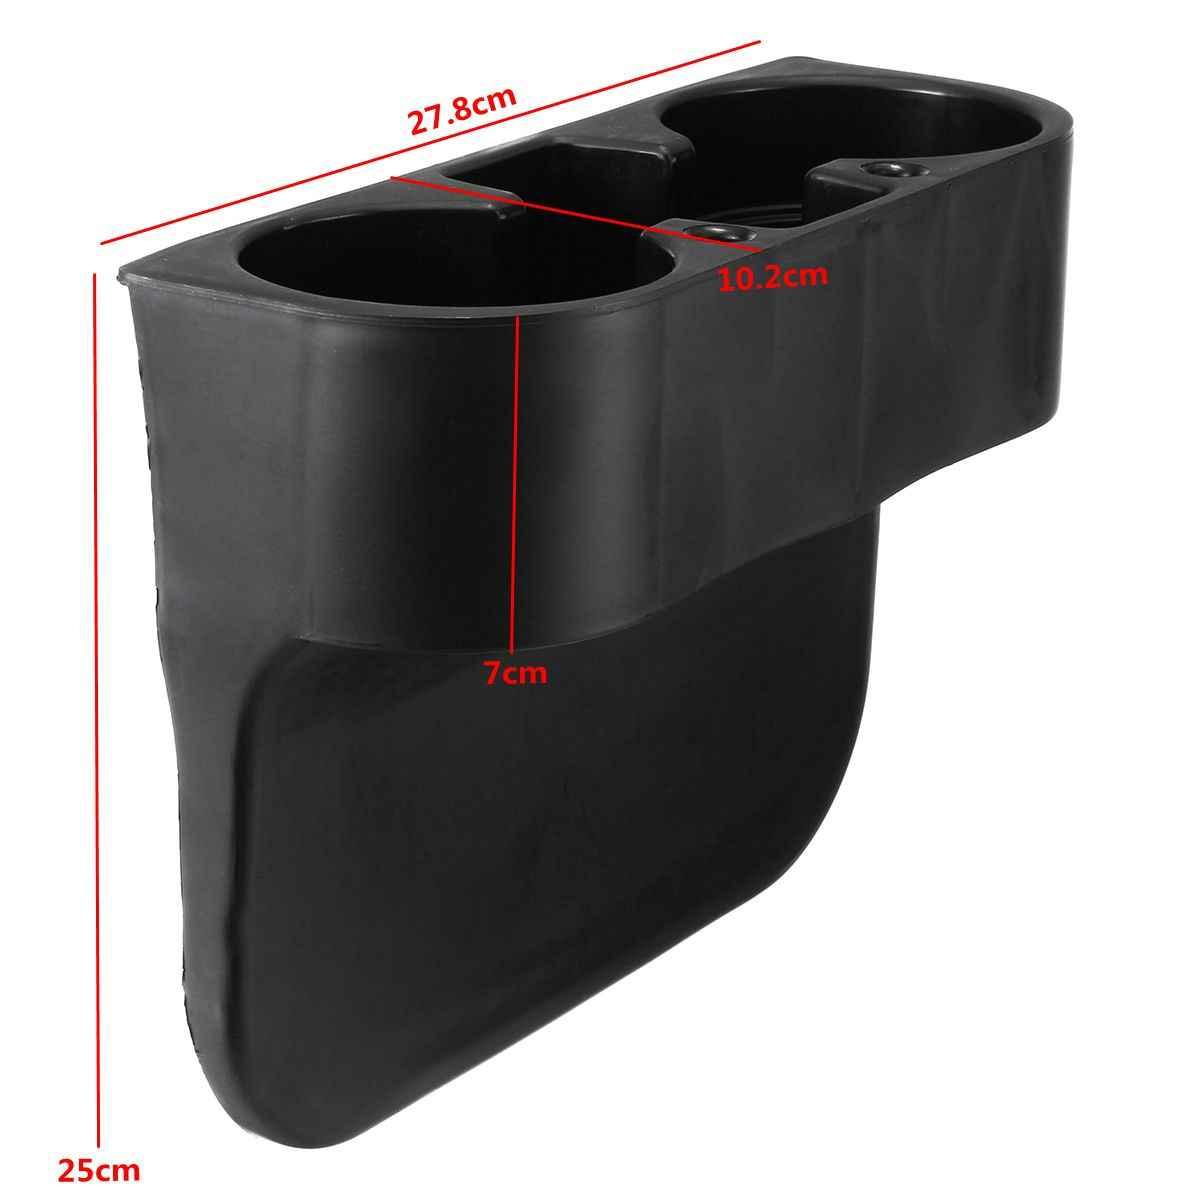 Araba siyah ön içecek telefonu bardak tutucu BMW 335 535 için e30 e36 e39 e46 e60 e90 z4 1 3 5 serisi araba Ognizer depolama aksesuarları